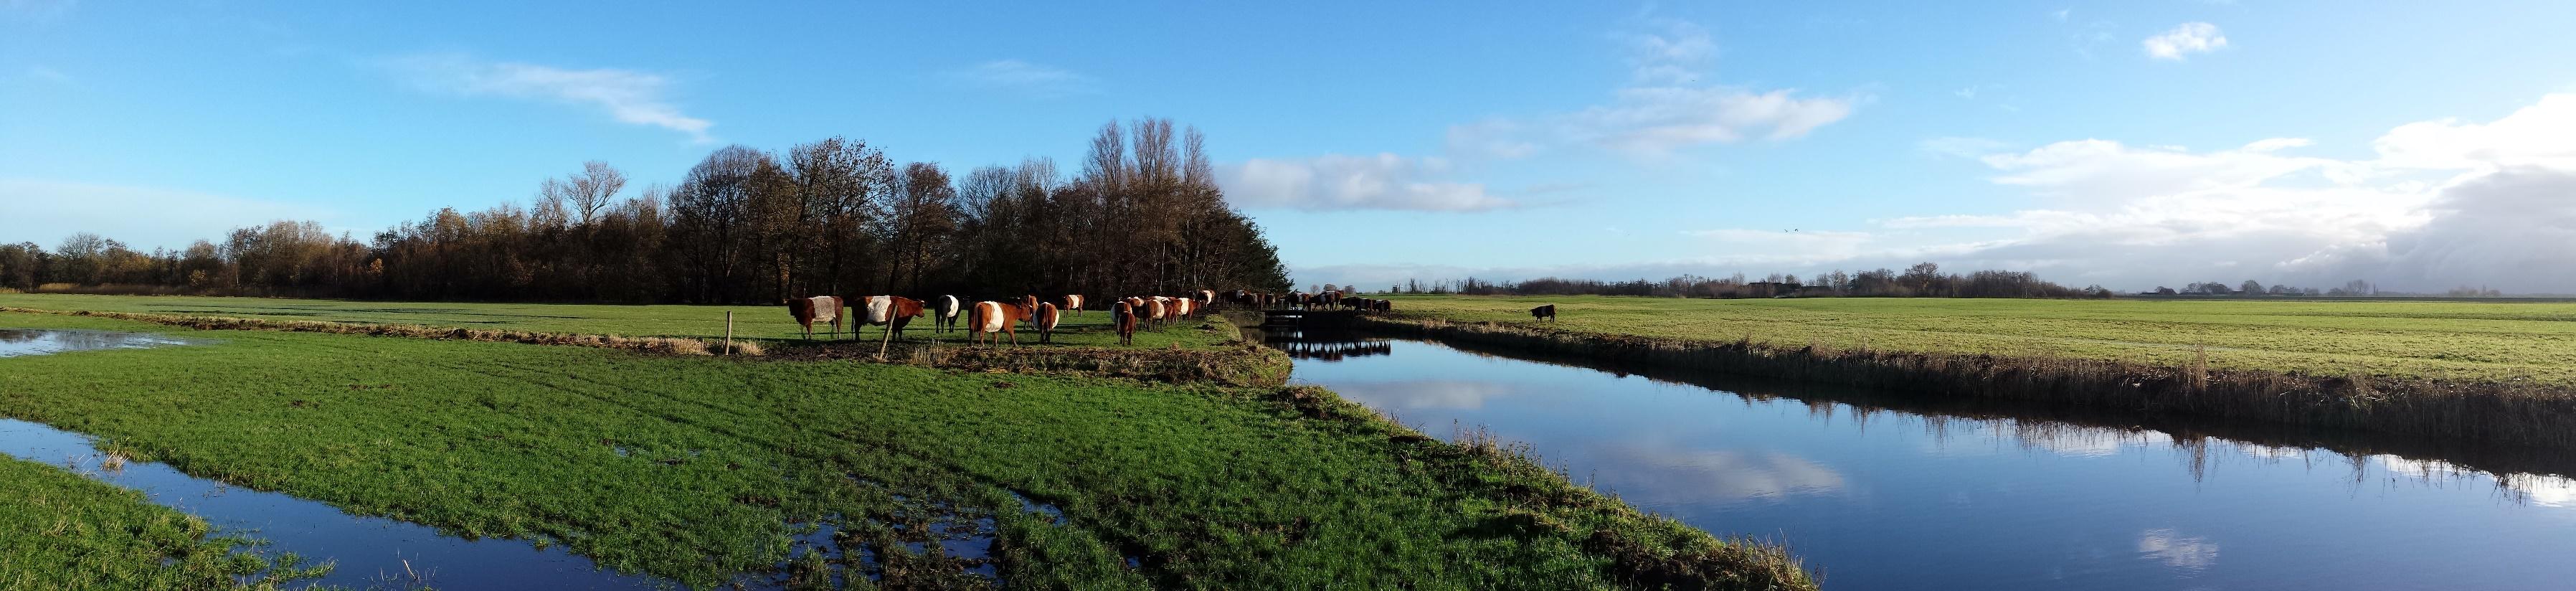 koeien binnen panorama